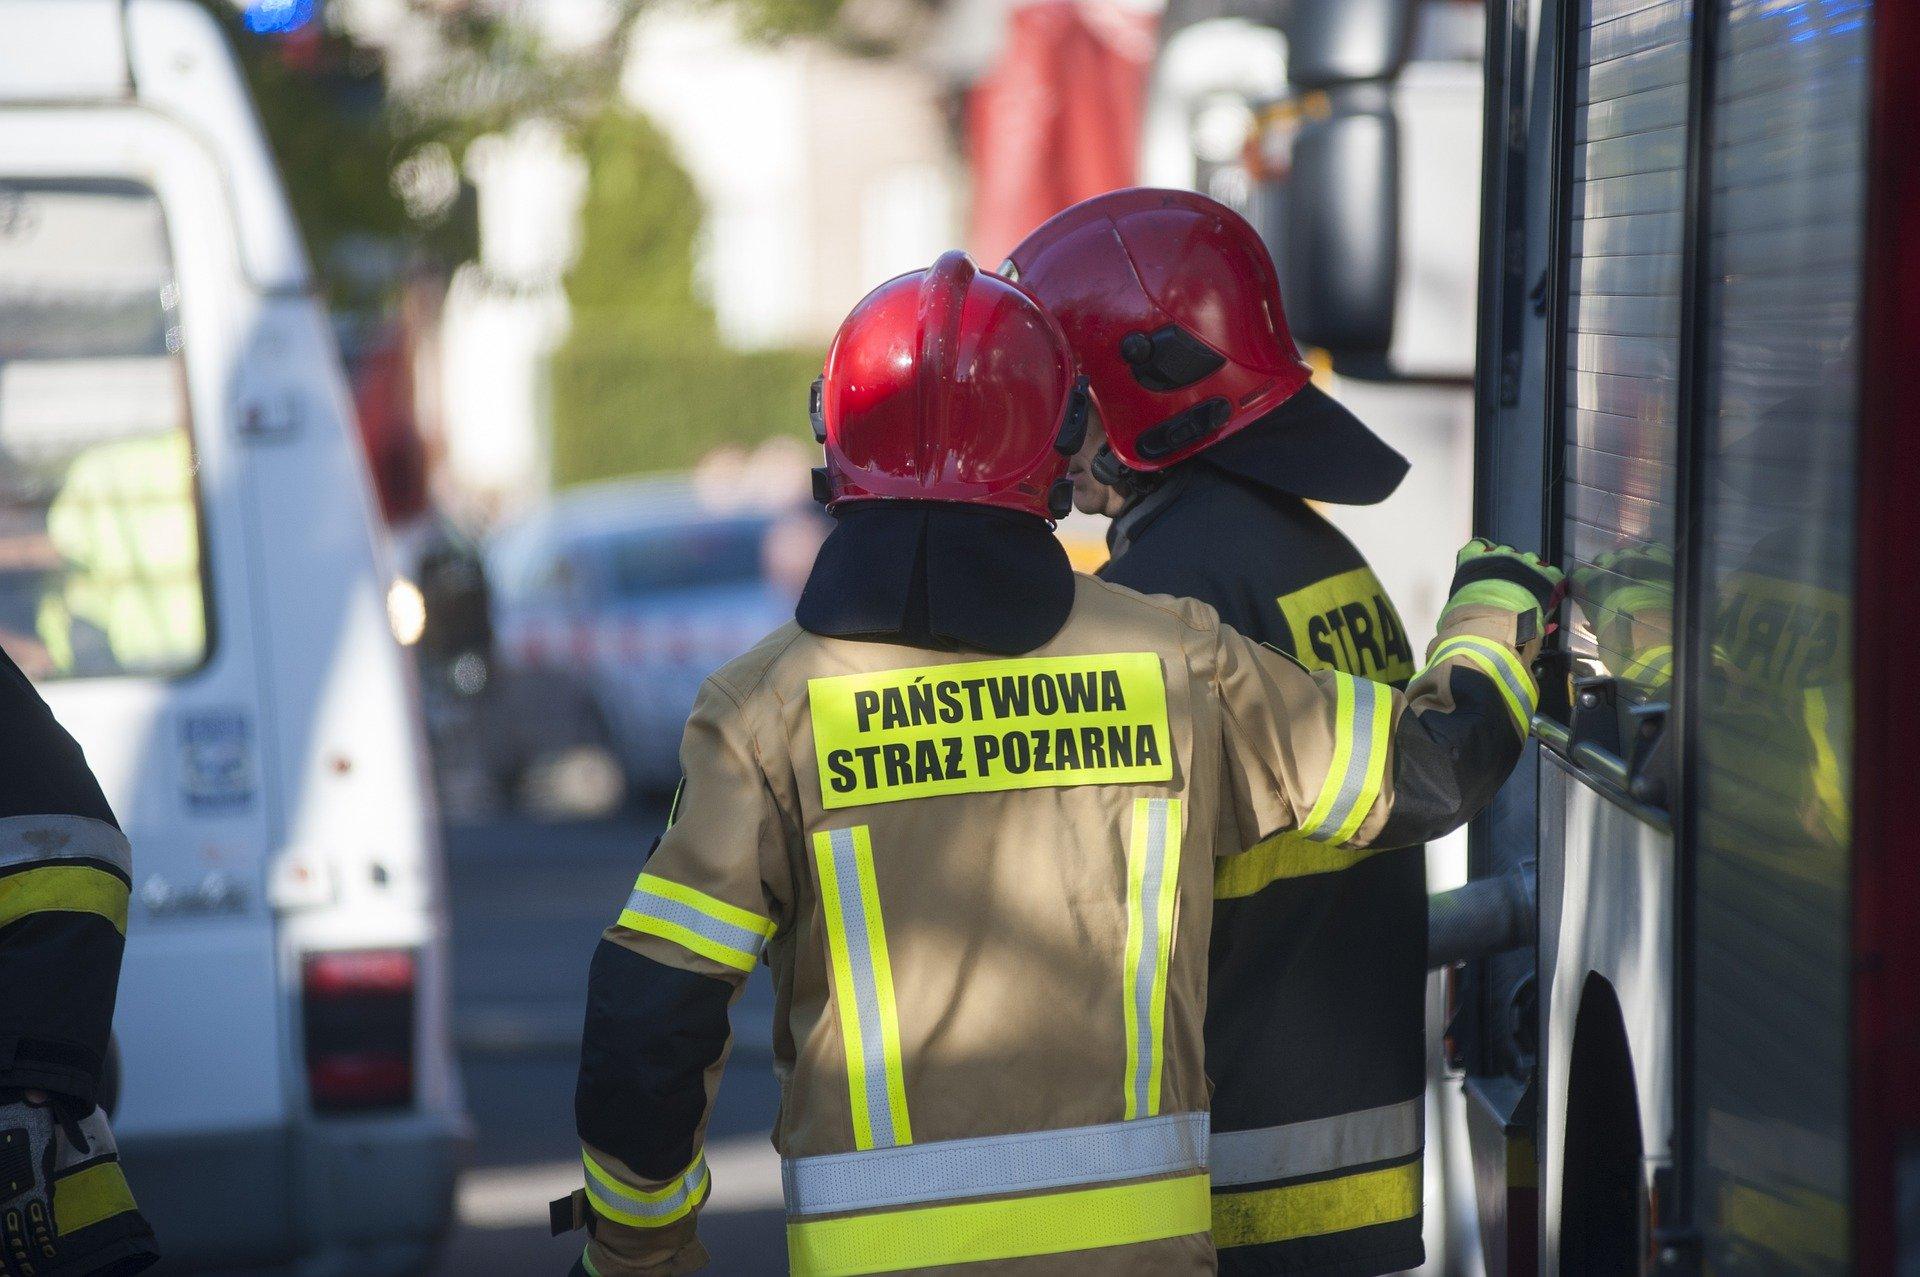 Pożar przyczepy kempingowej w Mielcu. Czy ktoś był w środku? - Zdjęcie główne